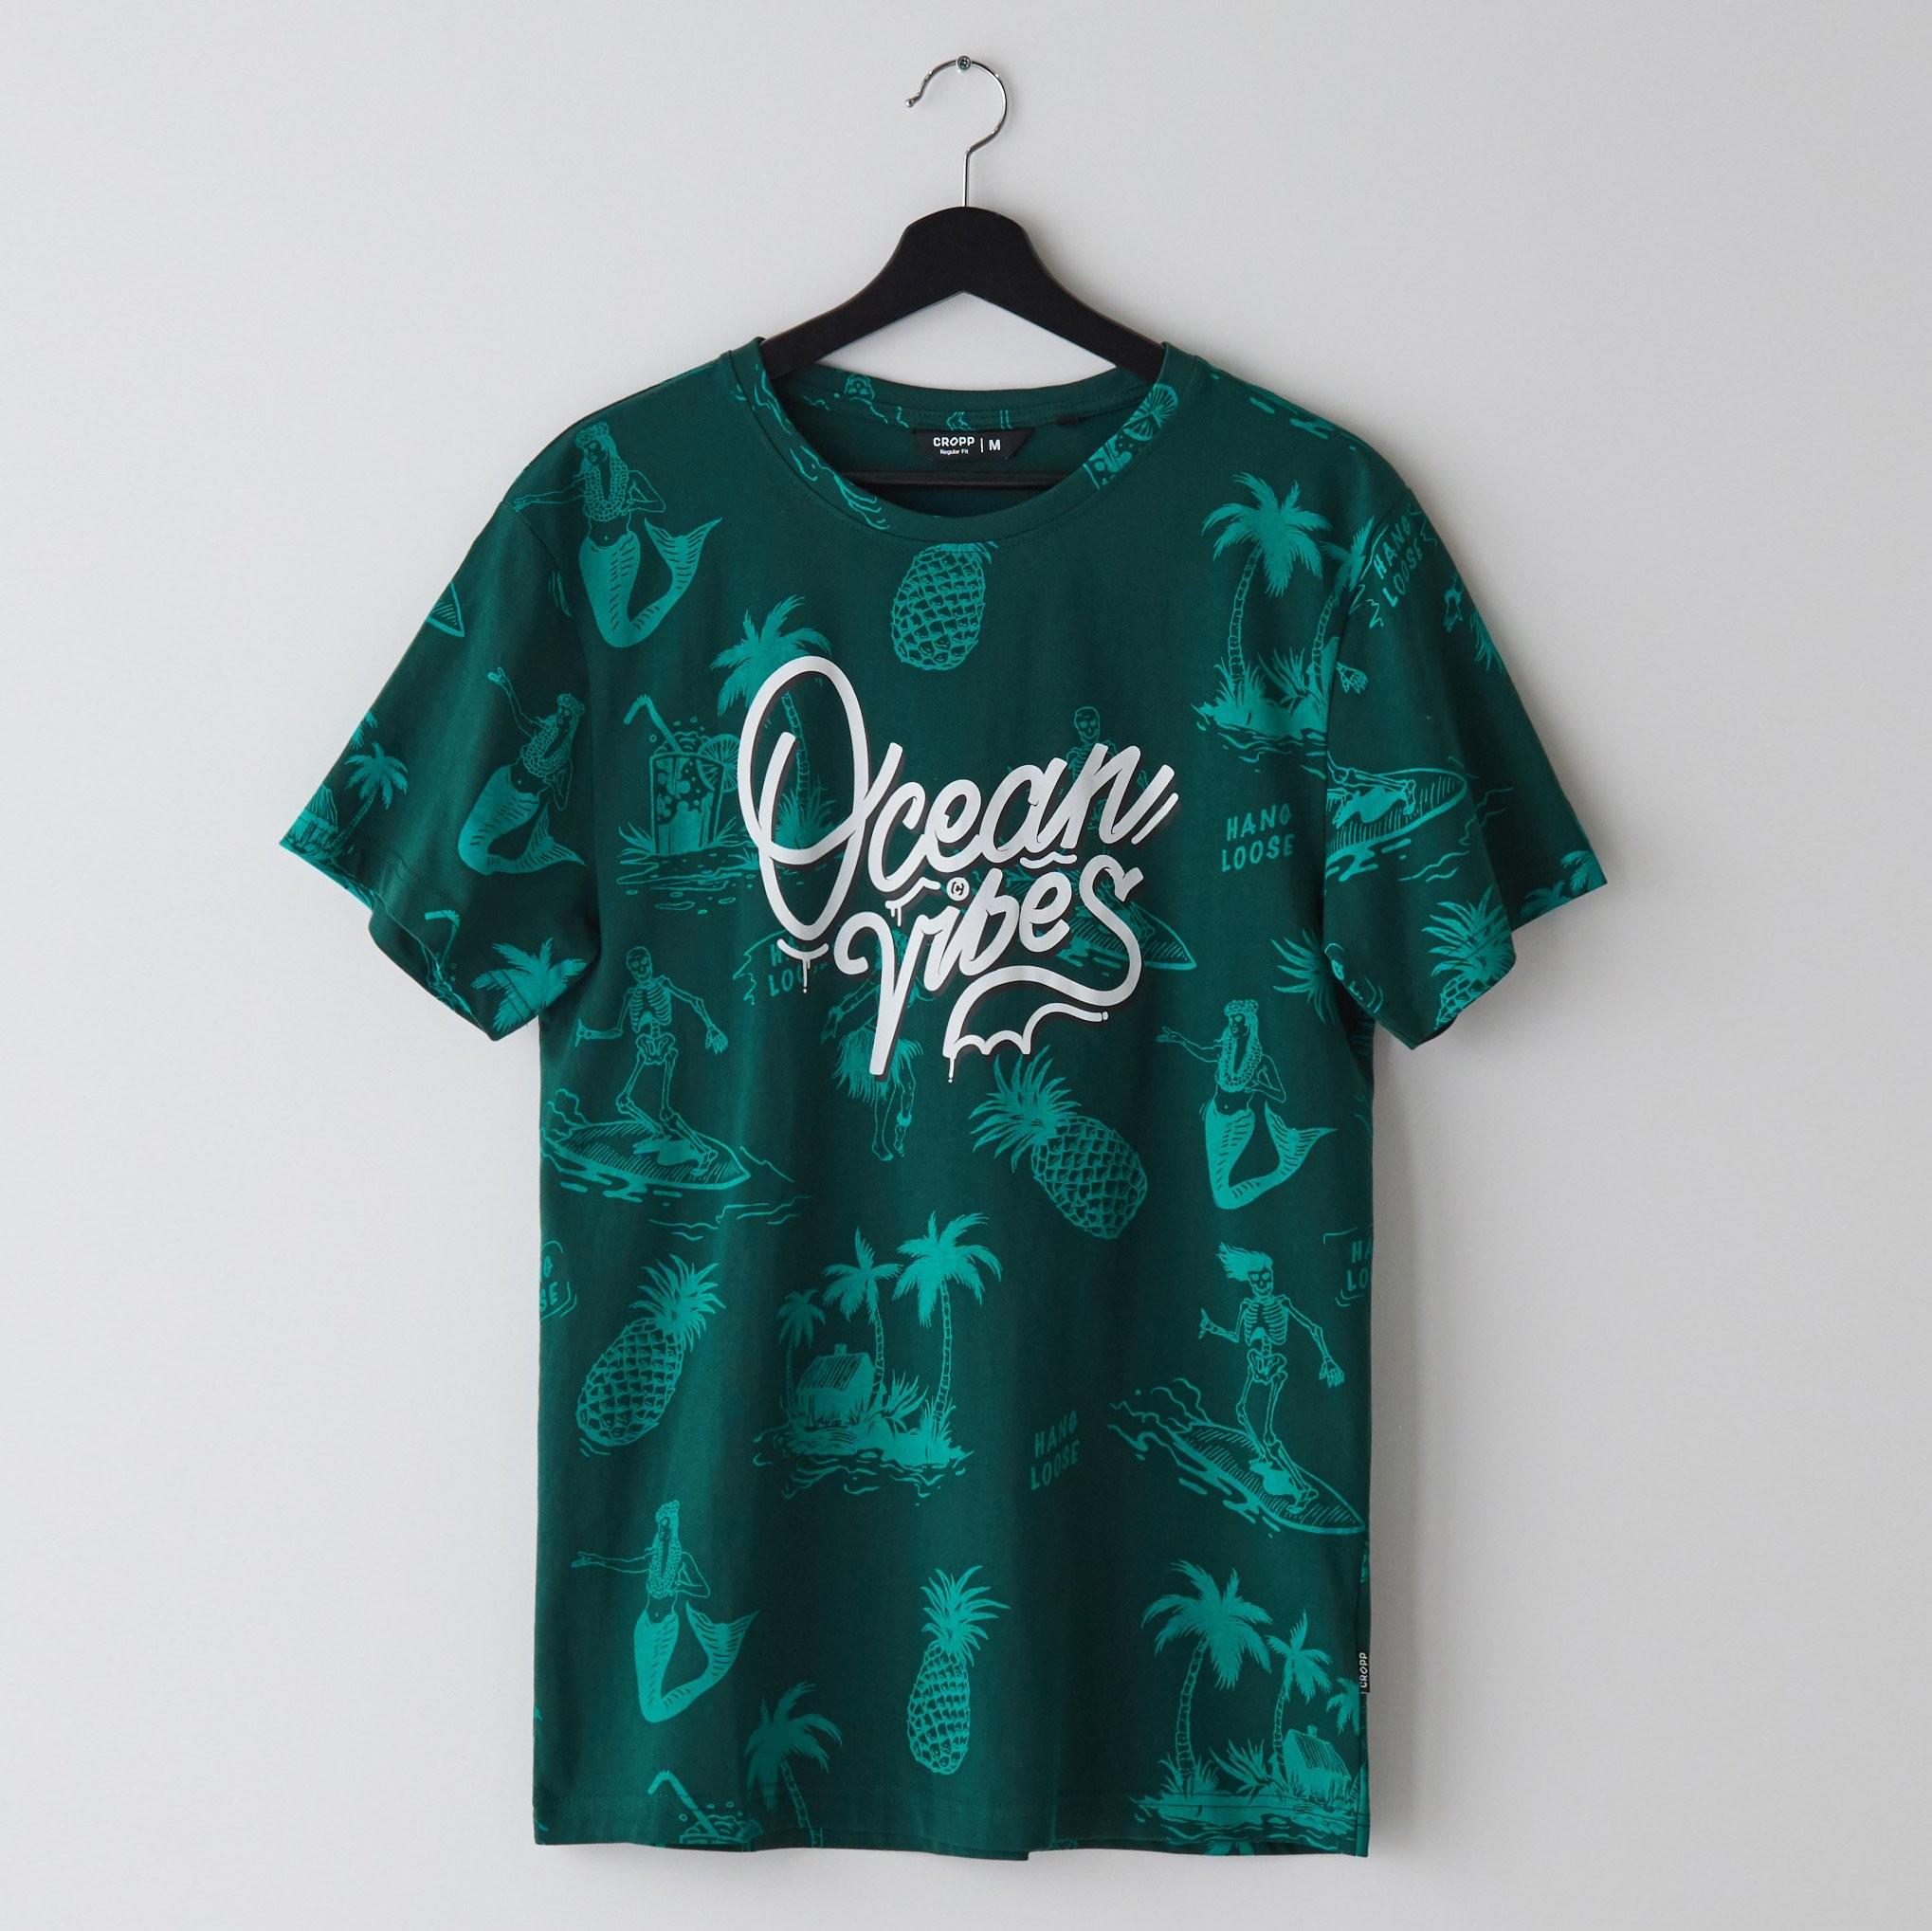 Cropp Cropp - Koszulka z motywem wakacyjnym - Khaki